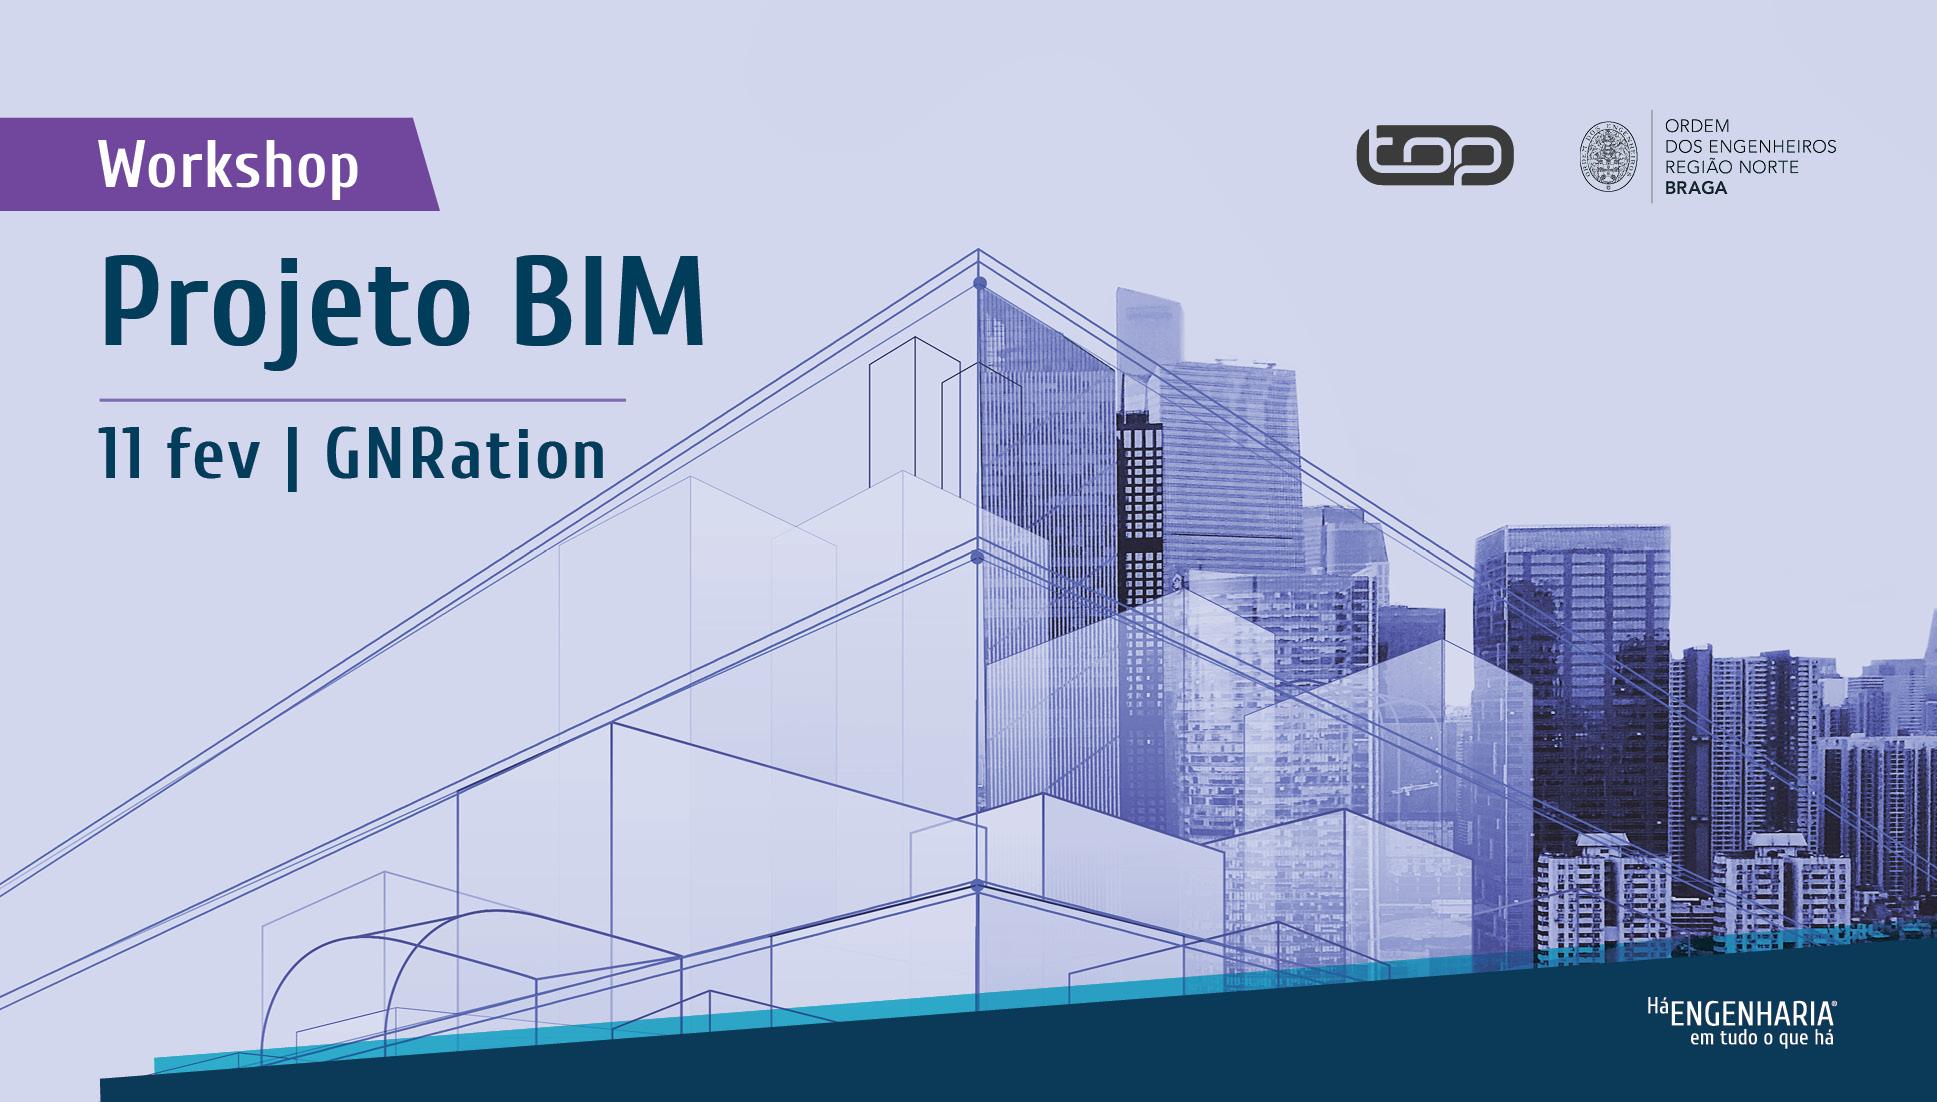 Plataforma Notícias Ordem Engenheiros Região Norte - Delegação de Braga promove workshop em projecto BIM